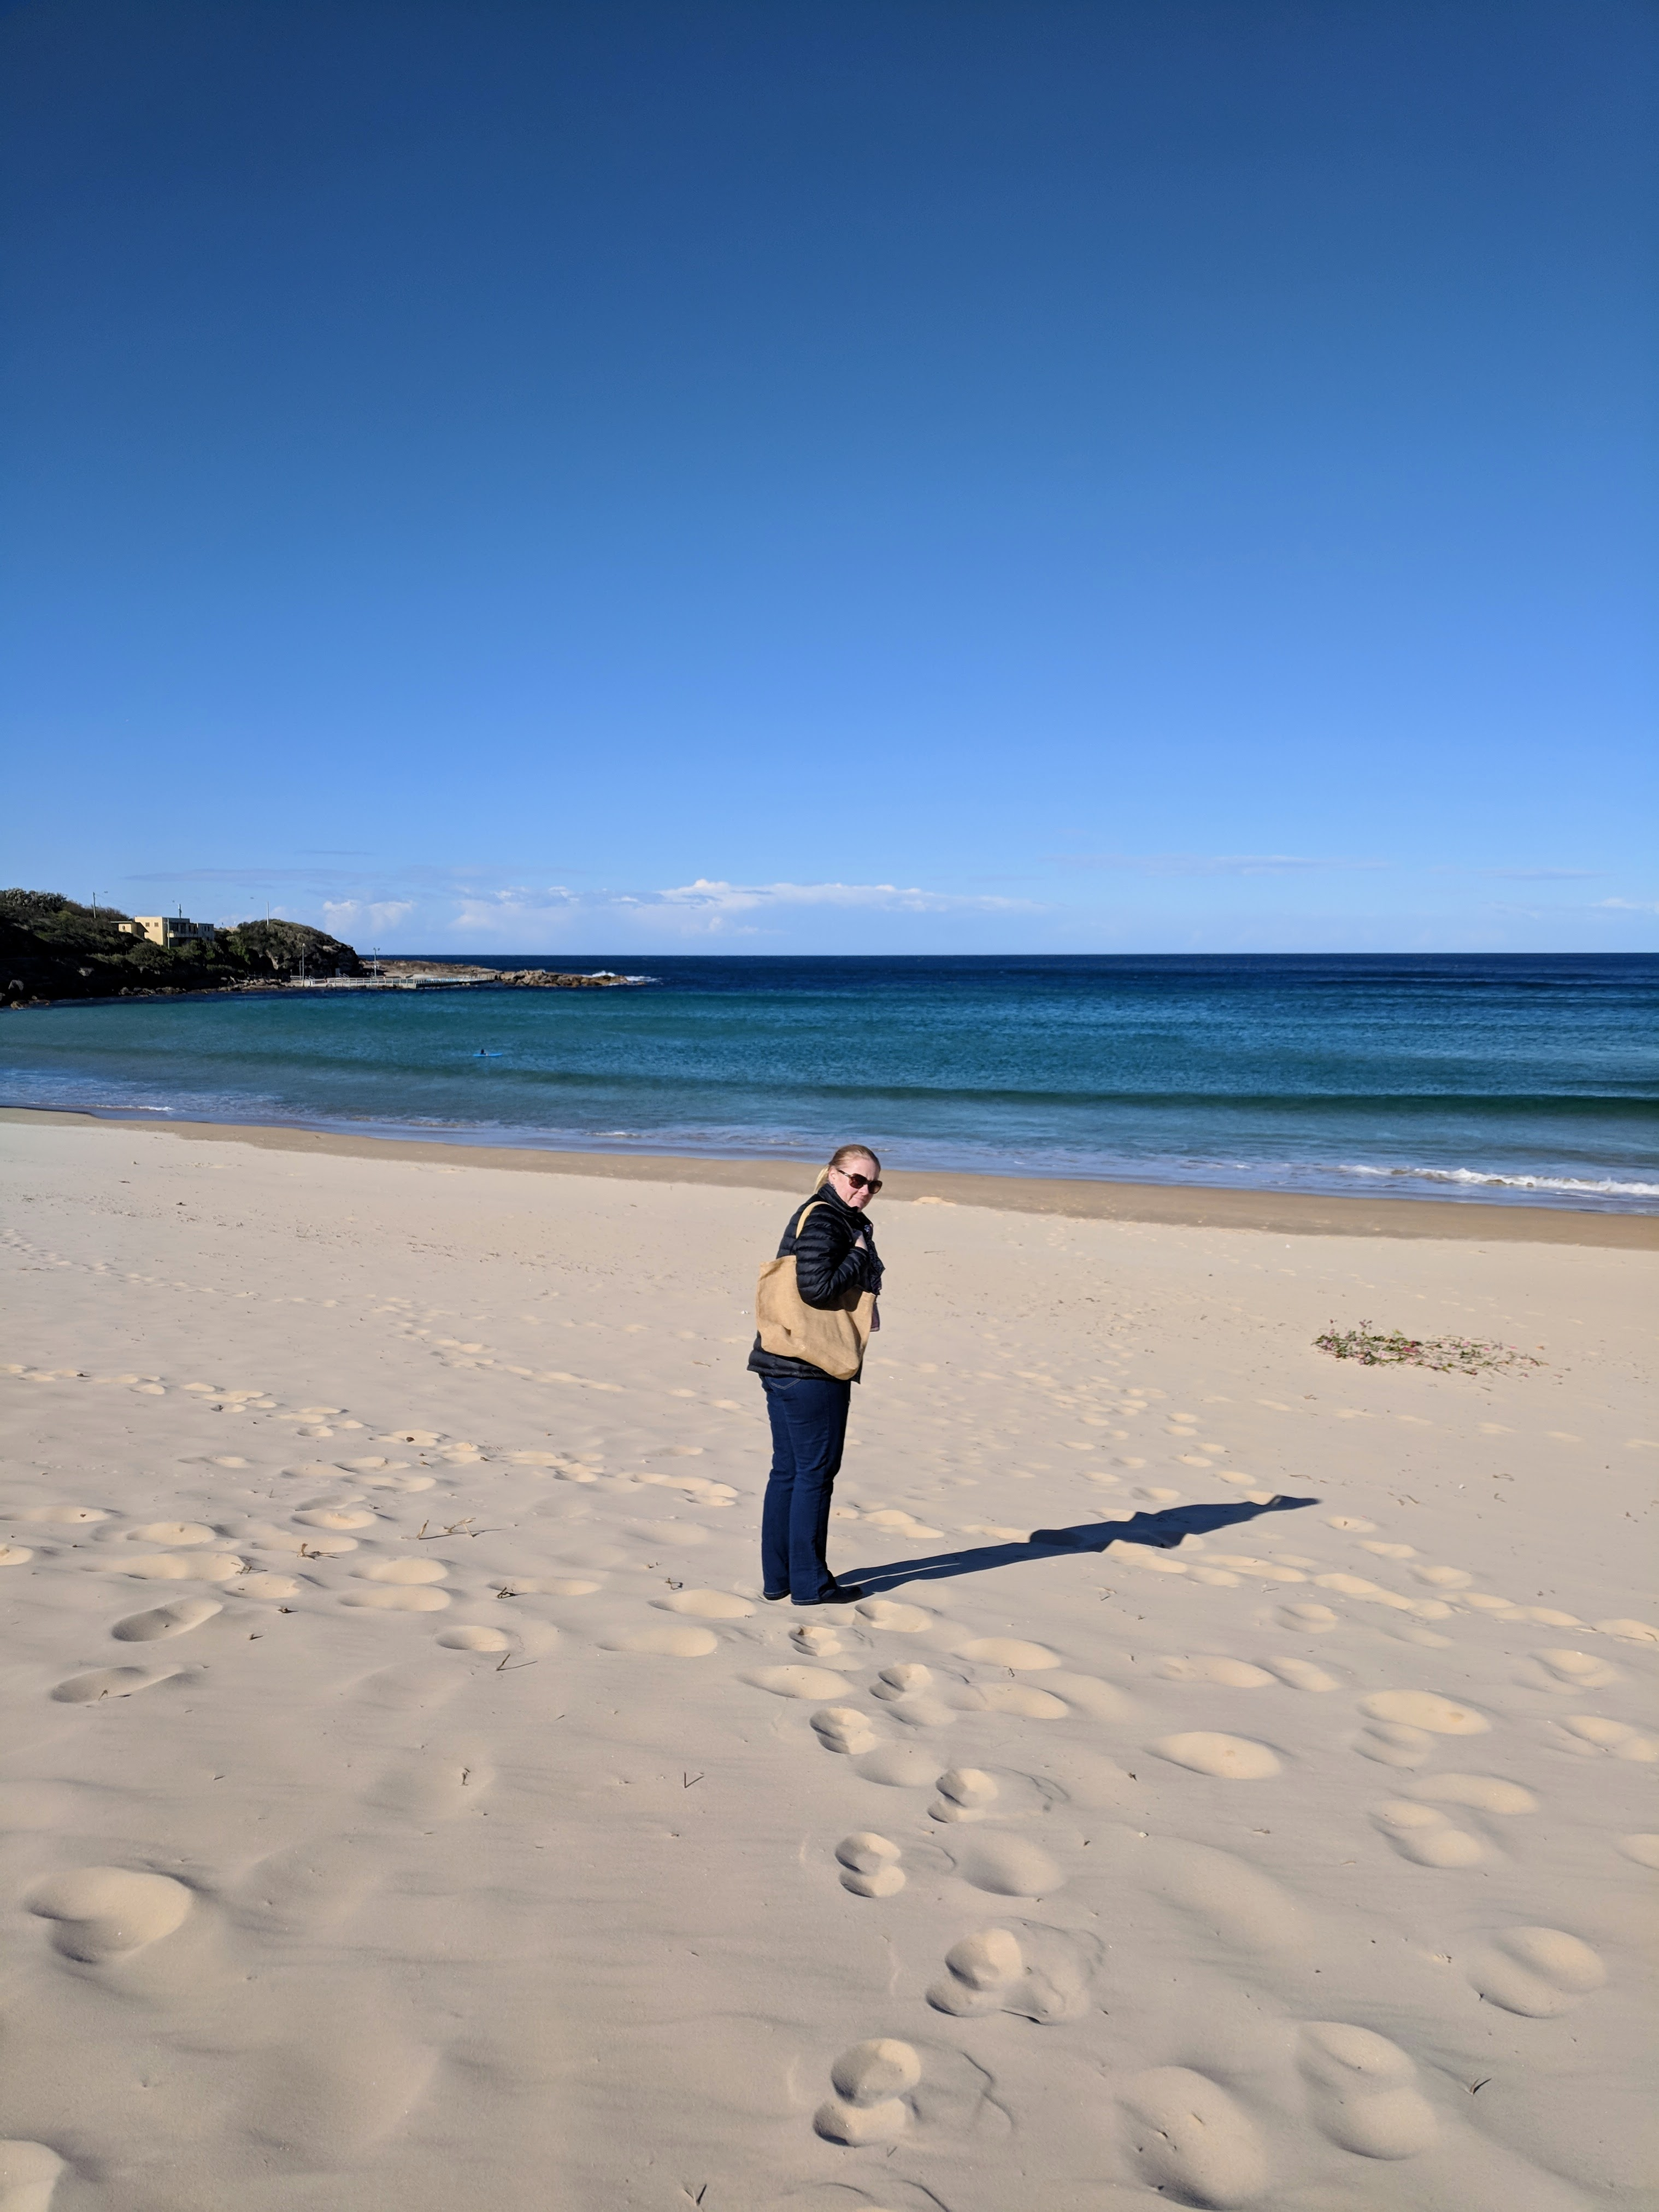 Woman on North Sydney beach